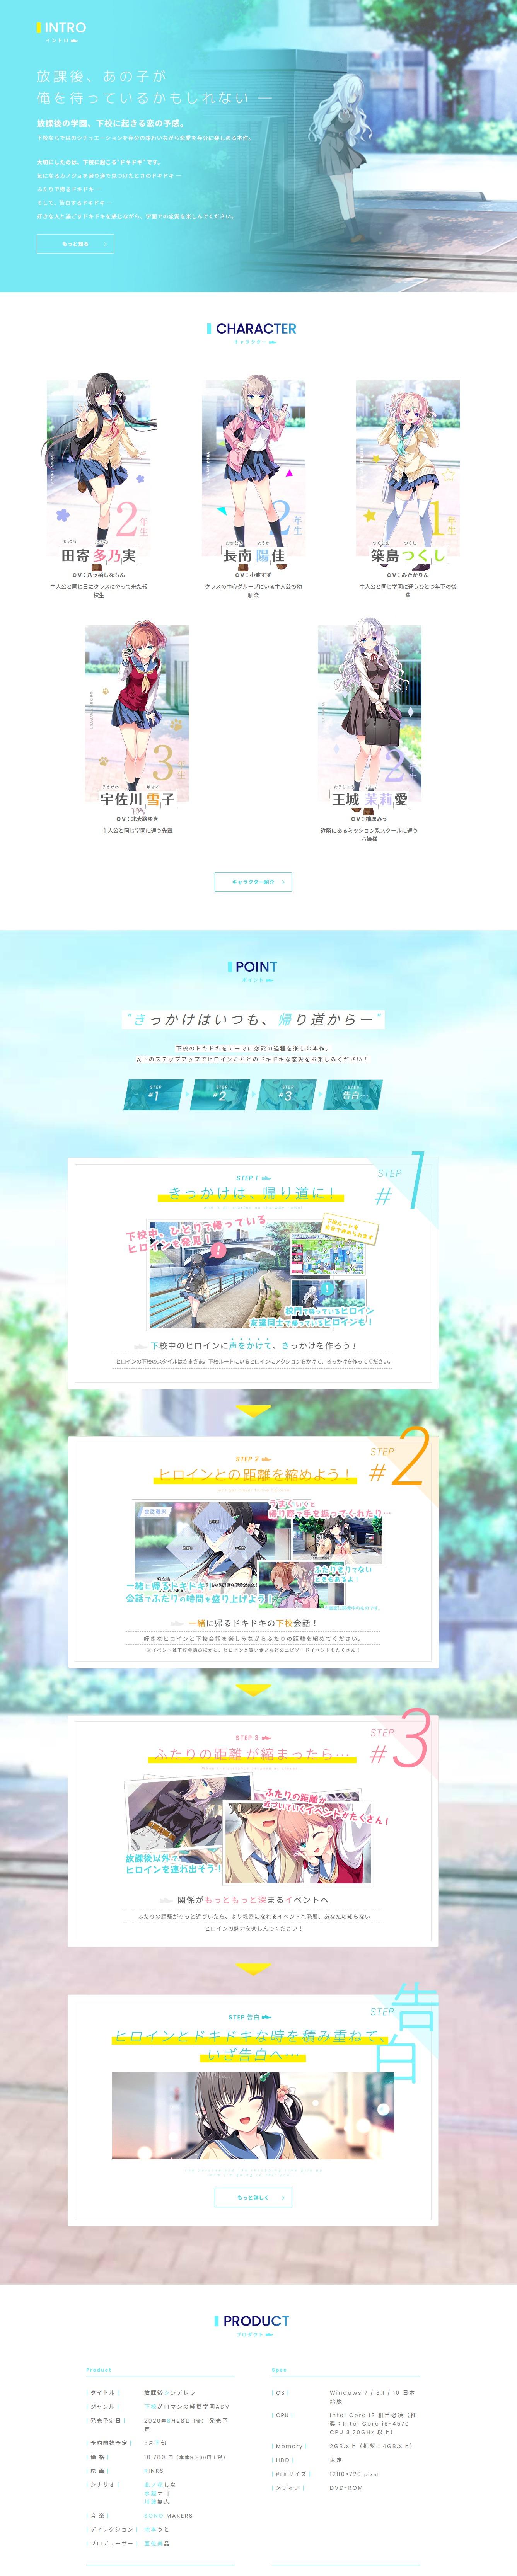 放課後シンデレラ 公式サイト|HOOKSOFT